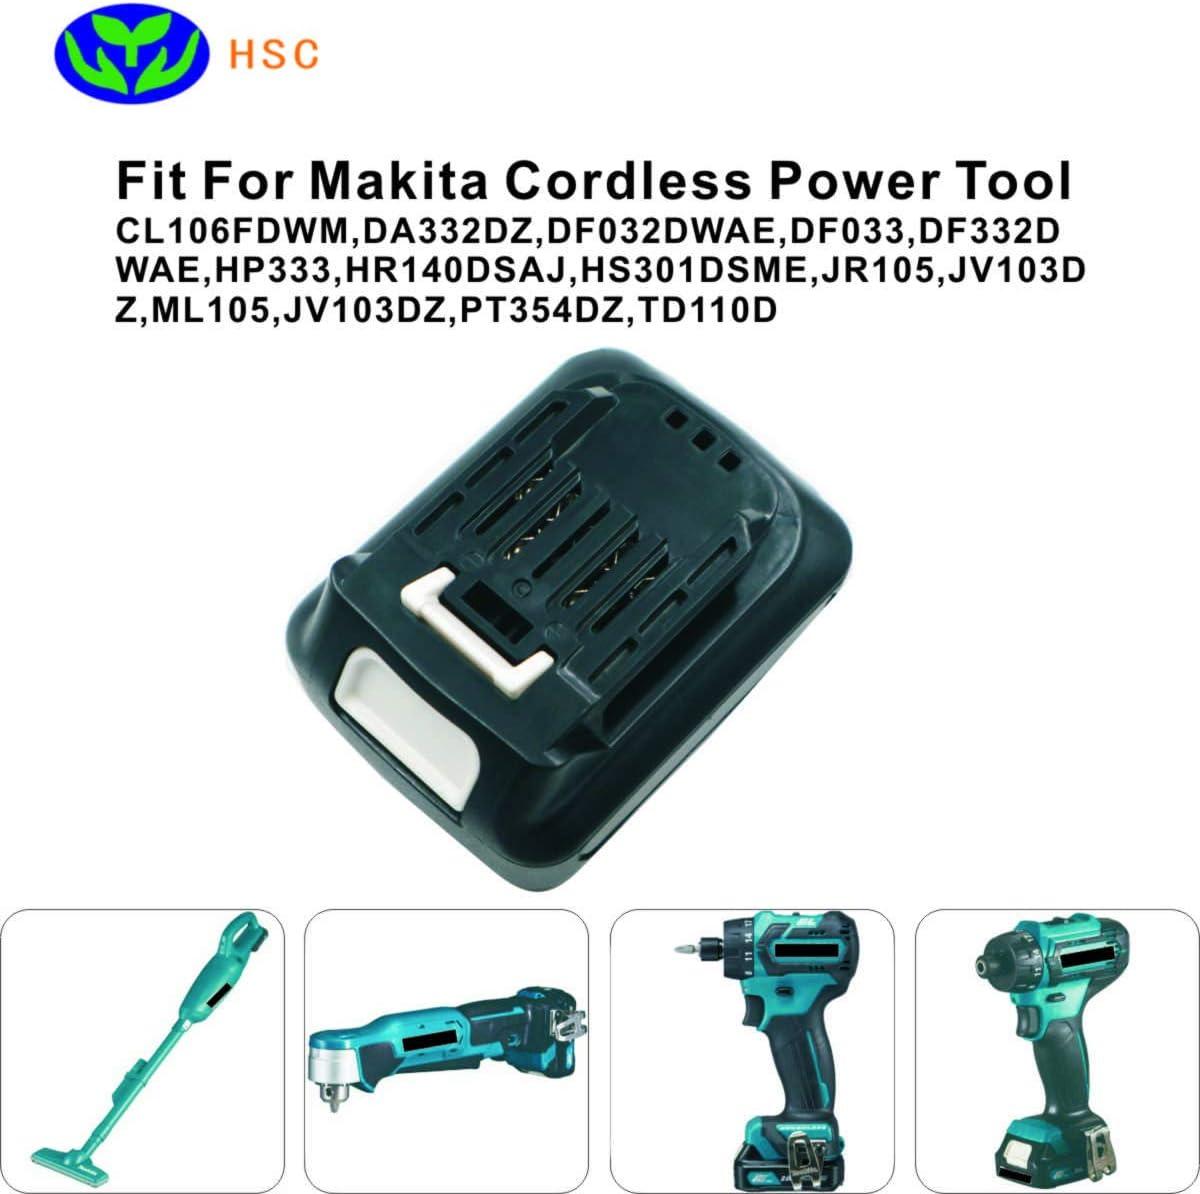 DF032D DF332 CLX201X DF331D AKKU 2000mAh 12V Li-Ion für Makita CLX201